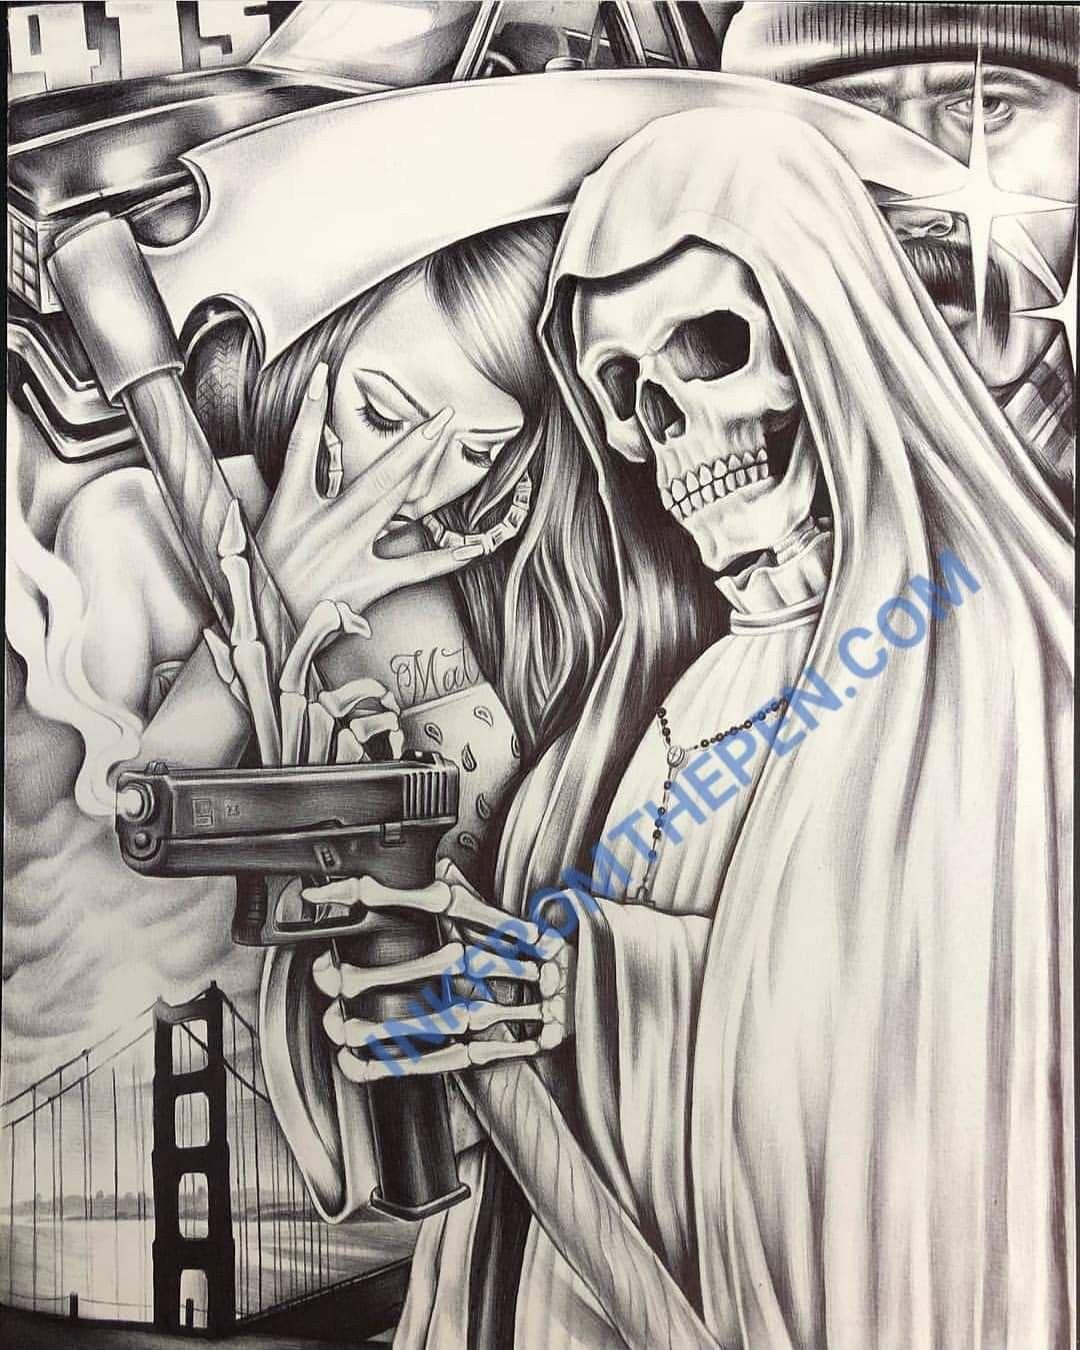 Santa Muerte Tatuagem De Palhaco Desenhos Mexicanos Fotografia